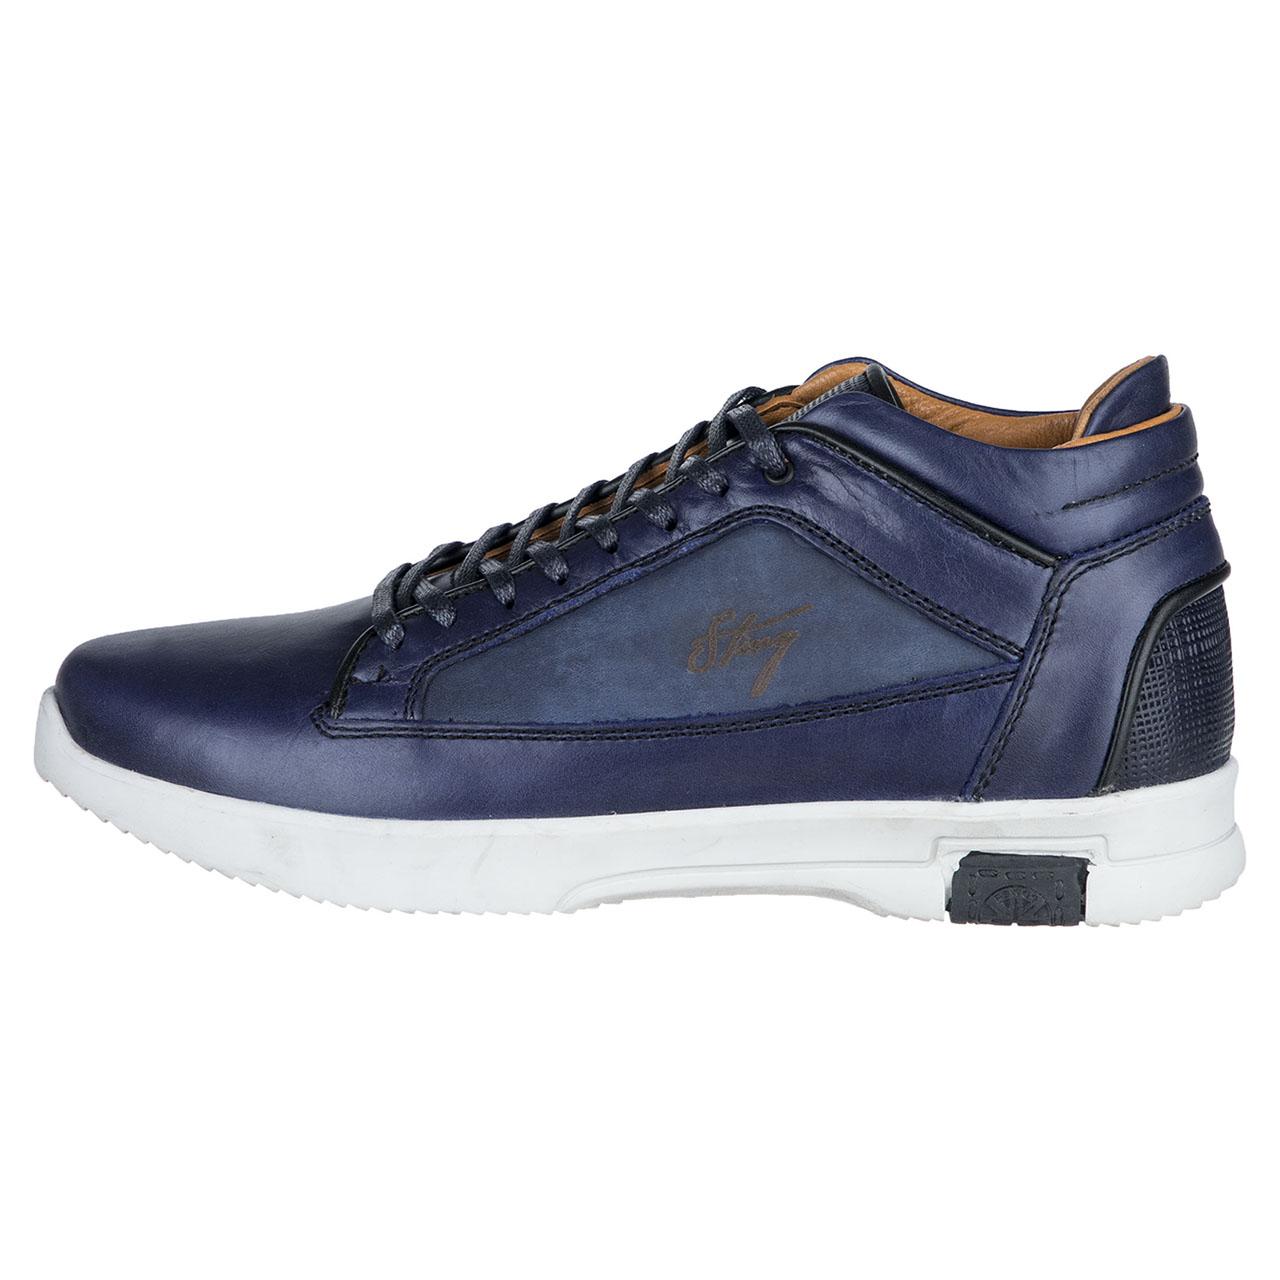 کفش مردانه چرم طبیعی استینگ مدل P4 سرمه ای